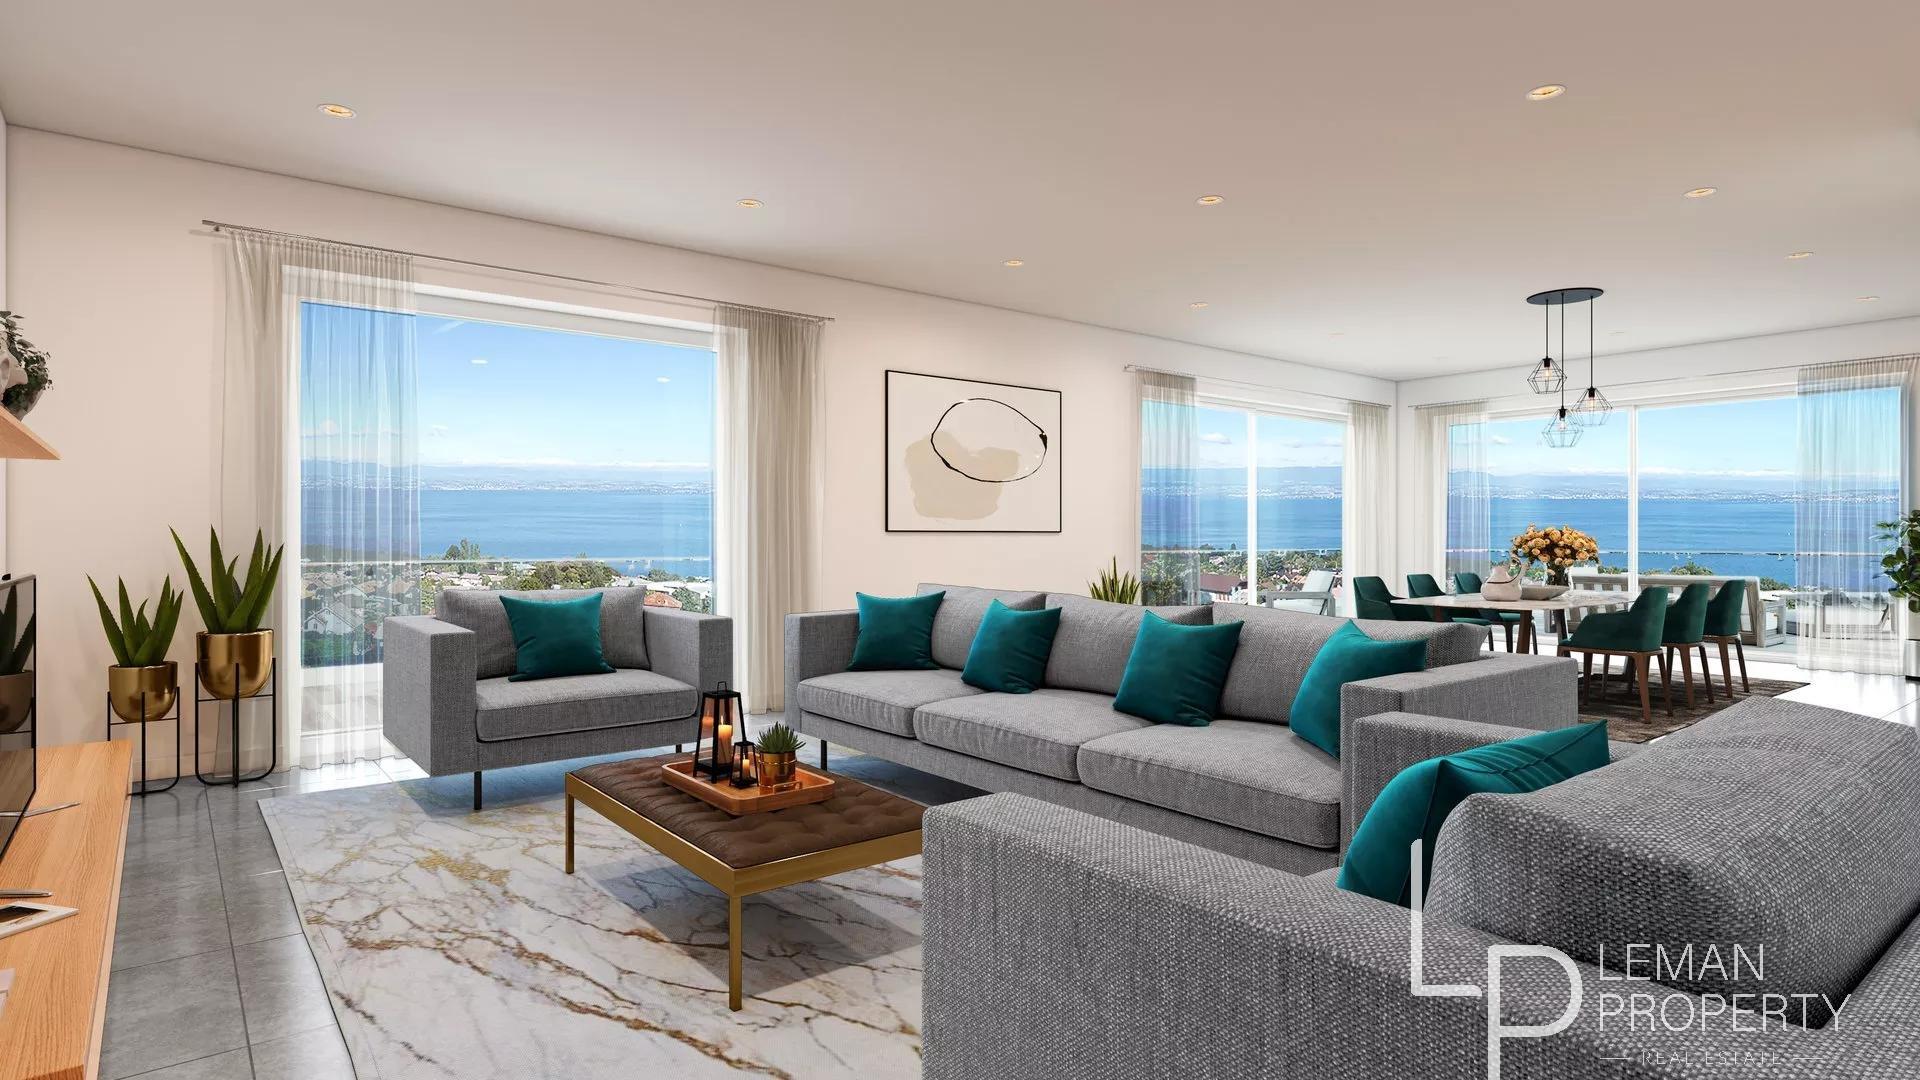 Vente de appartement à Évian-les-Bains au prix de 465700€